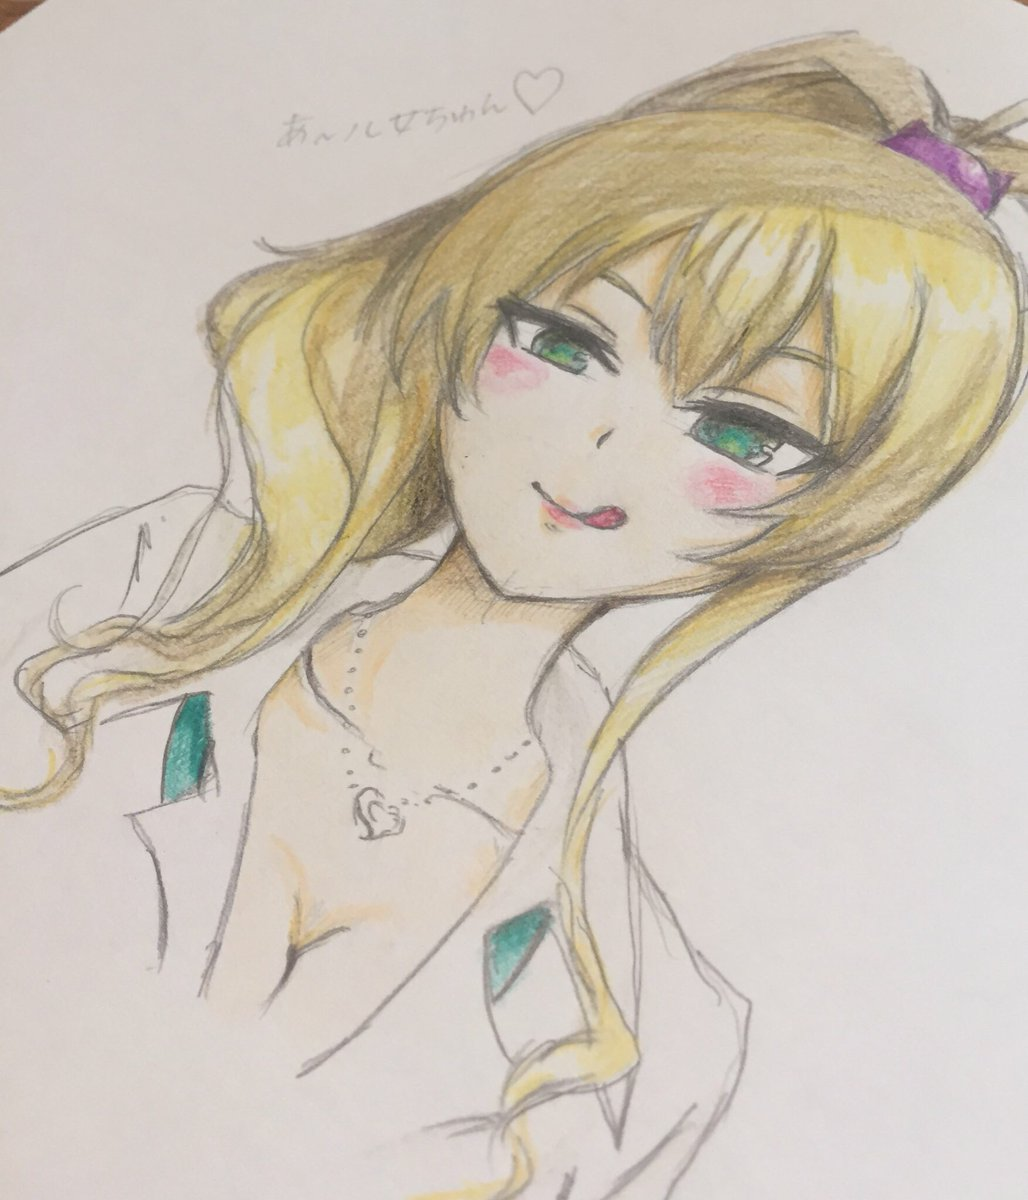 はじめてのギャル最終話よかったですね 😂✨✨八女ゆかなちゃん描いてみました#はじめてのギャル #アニメ #八女ゆかな #